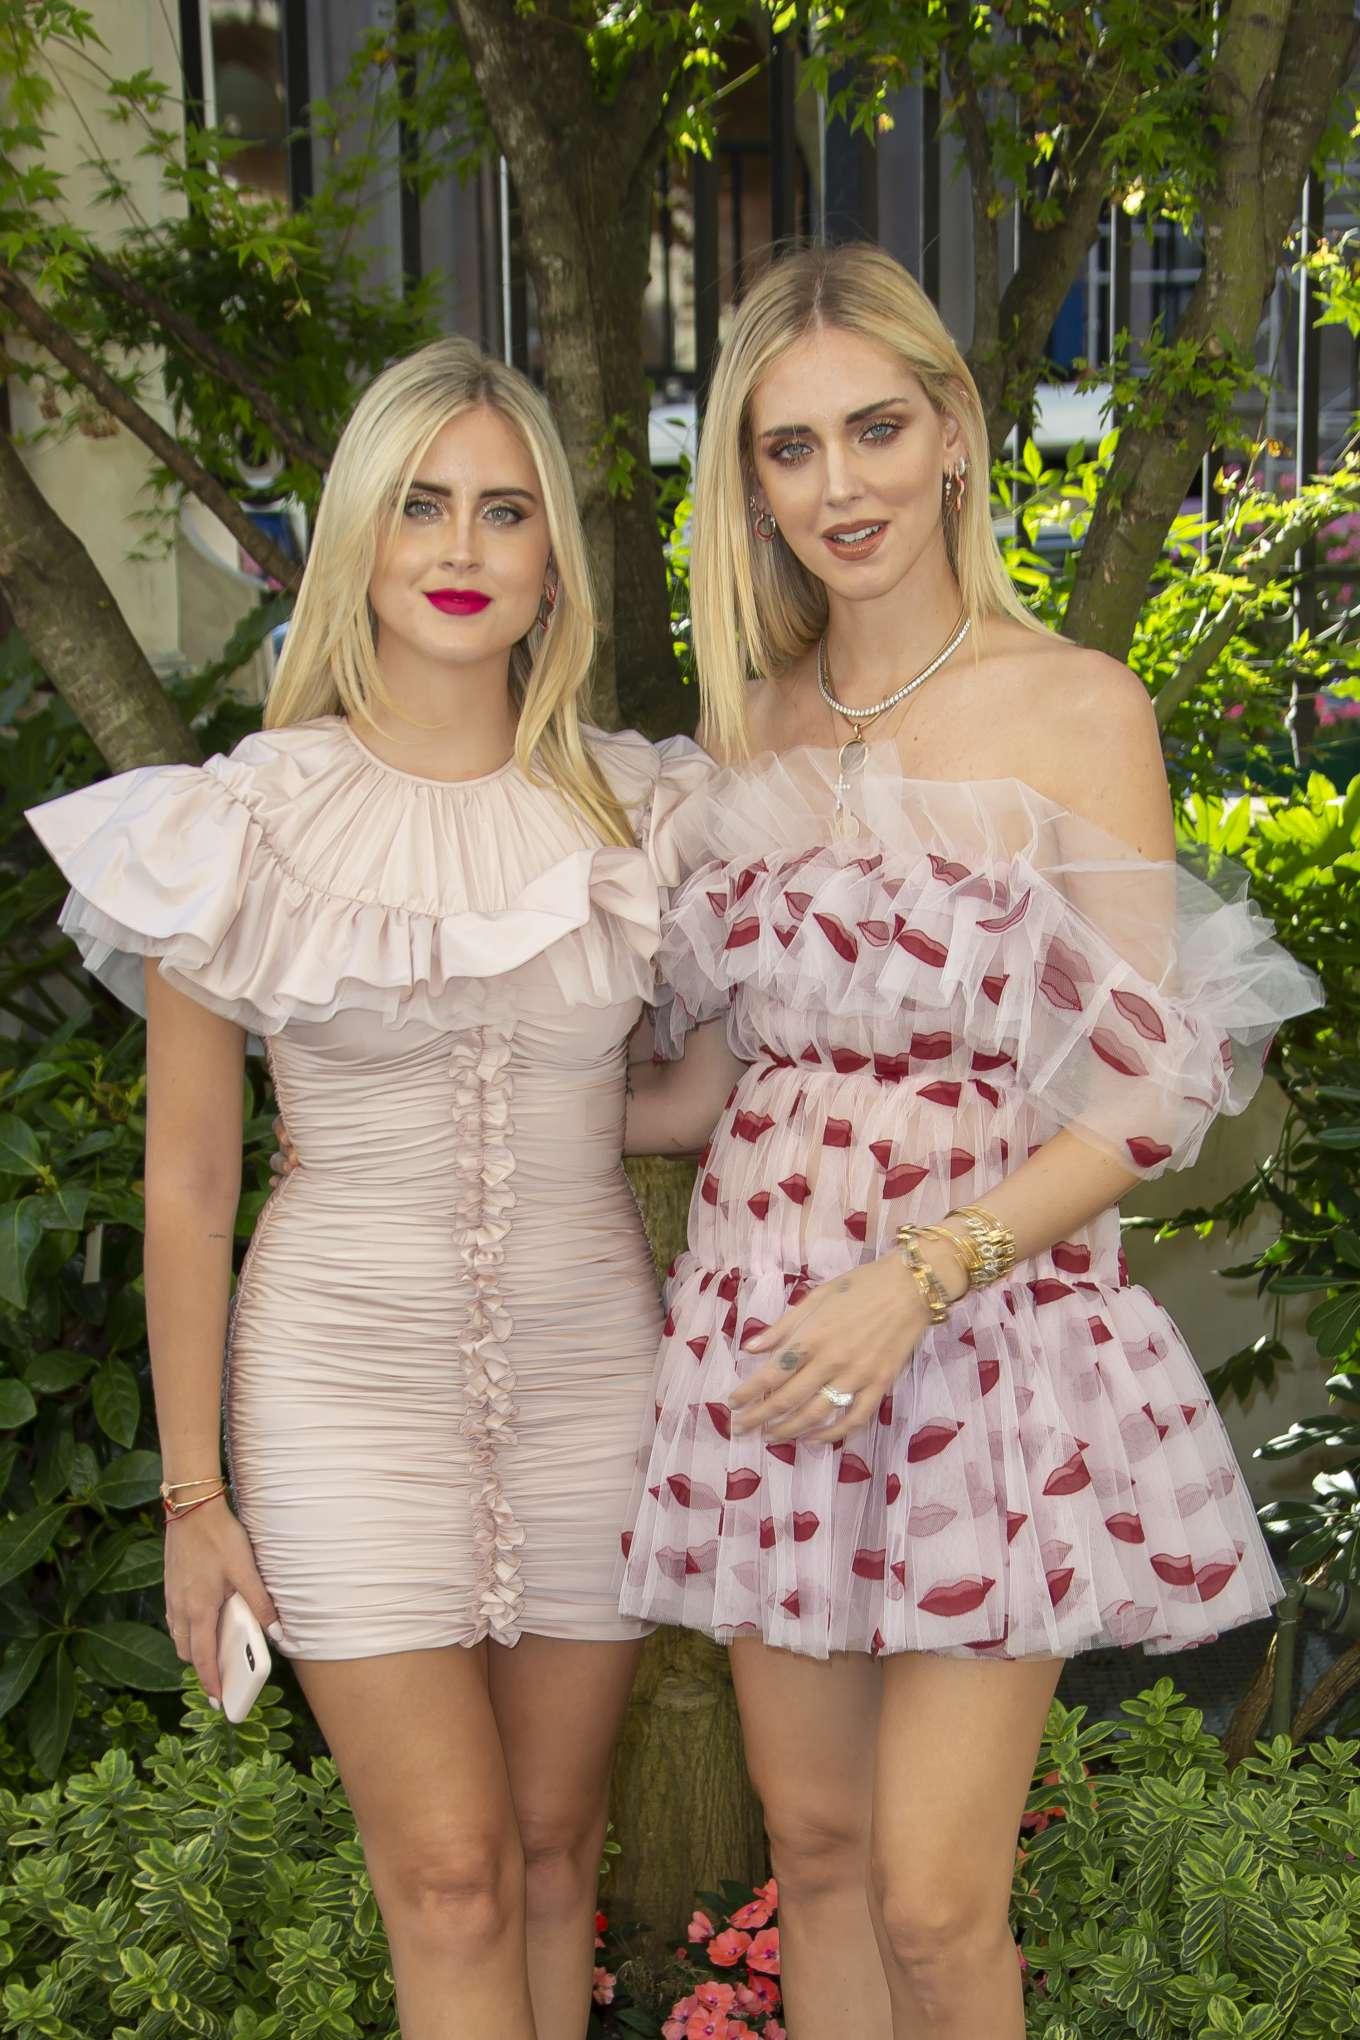 Chiara and Valentina Ferragni - 2019 Paris Fashion Week - Giambattista Valli Haute Couture FW 19-20